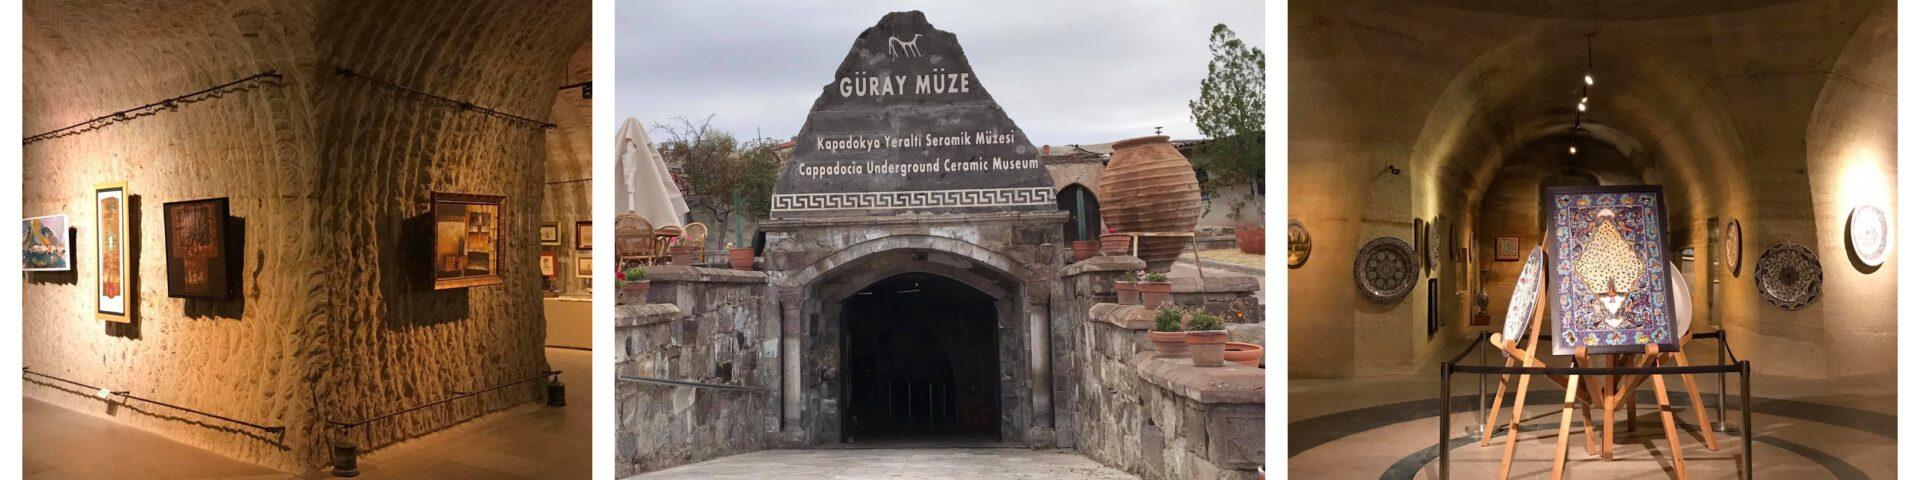 güray museum i kappadokien, güray museum i cappadocia, oplevelser i kappadokien, oplevelser i cappadocia, oplevelser i avanos, museer i avanos, keramik værksted i avanos,